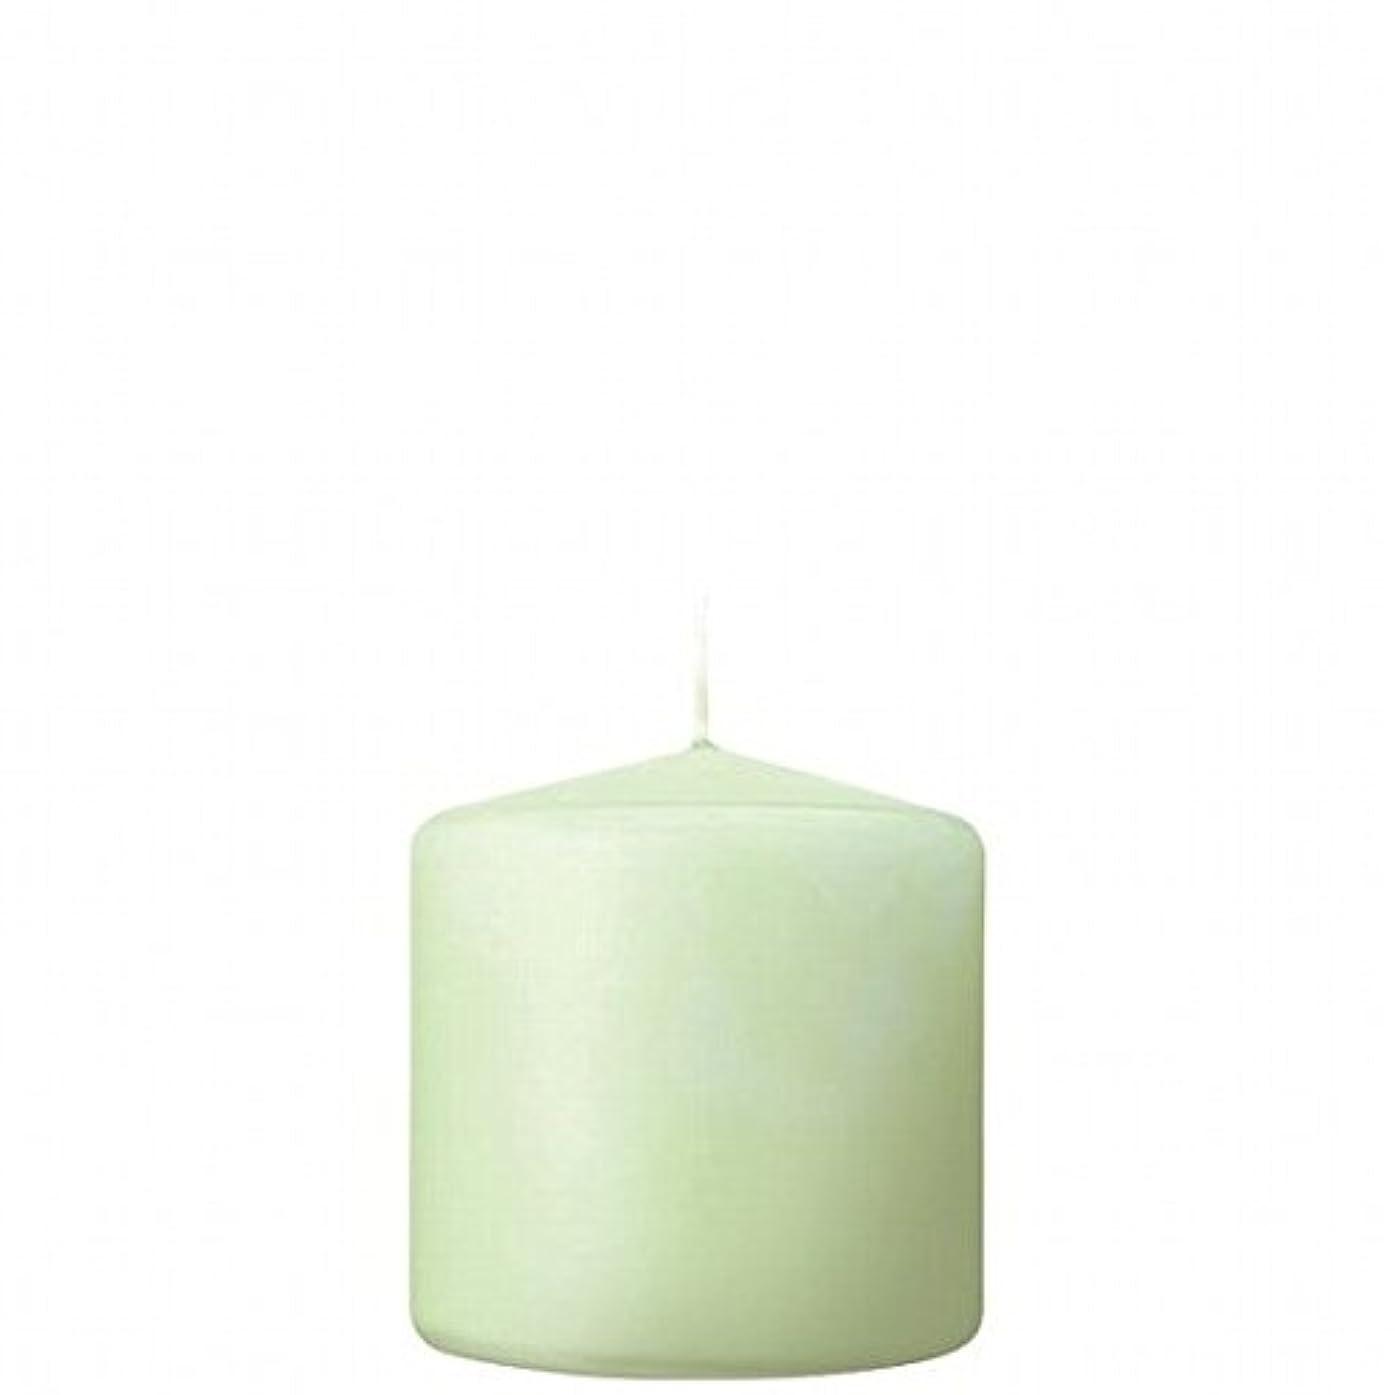 エンディング構成臭いkameyama candle(カメヤマキャンドル) 3×3ベルトップピラーキャンドル 「 ホワイトグリーン 」(A9730000WG)